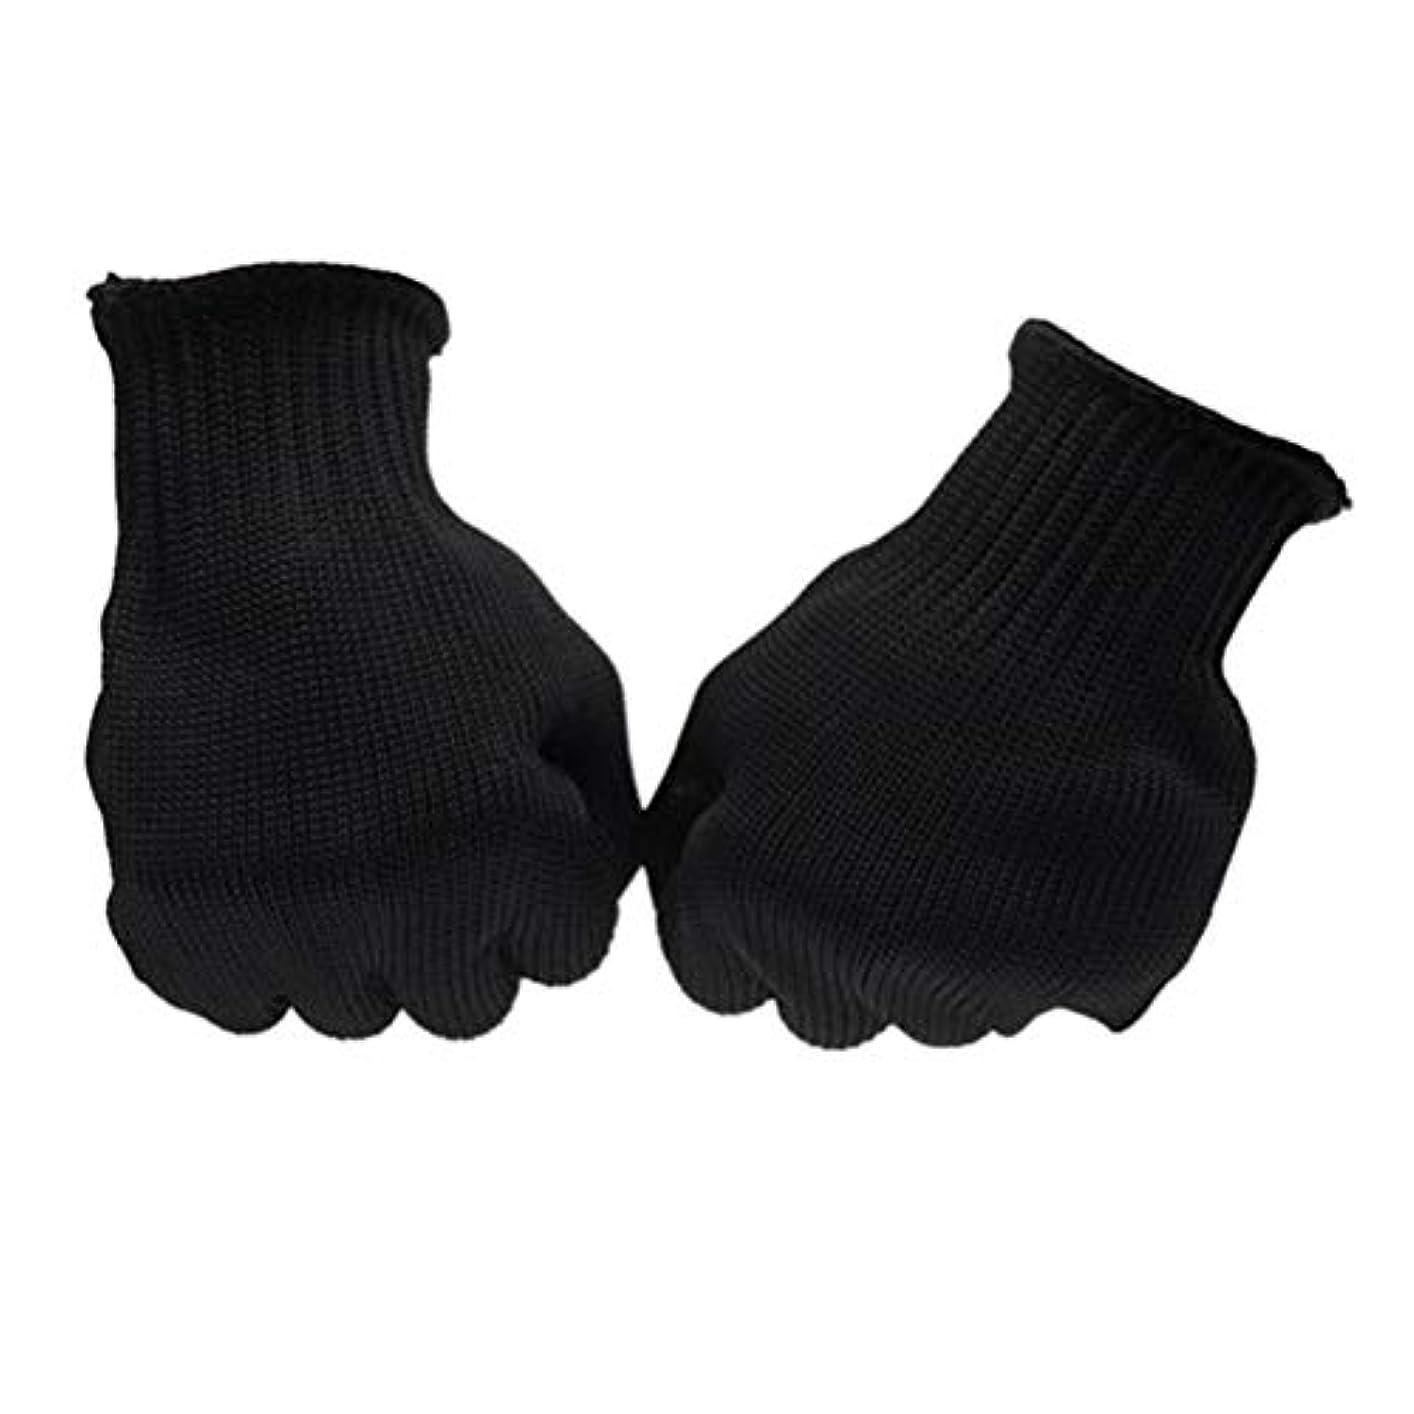 病な変化する驚FENICAL ガーデニング用敏感な作業用手袋保護用作業用手袋